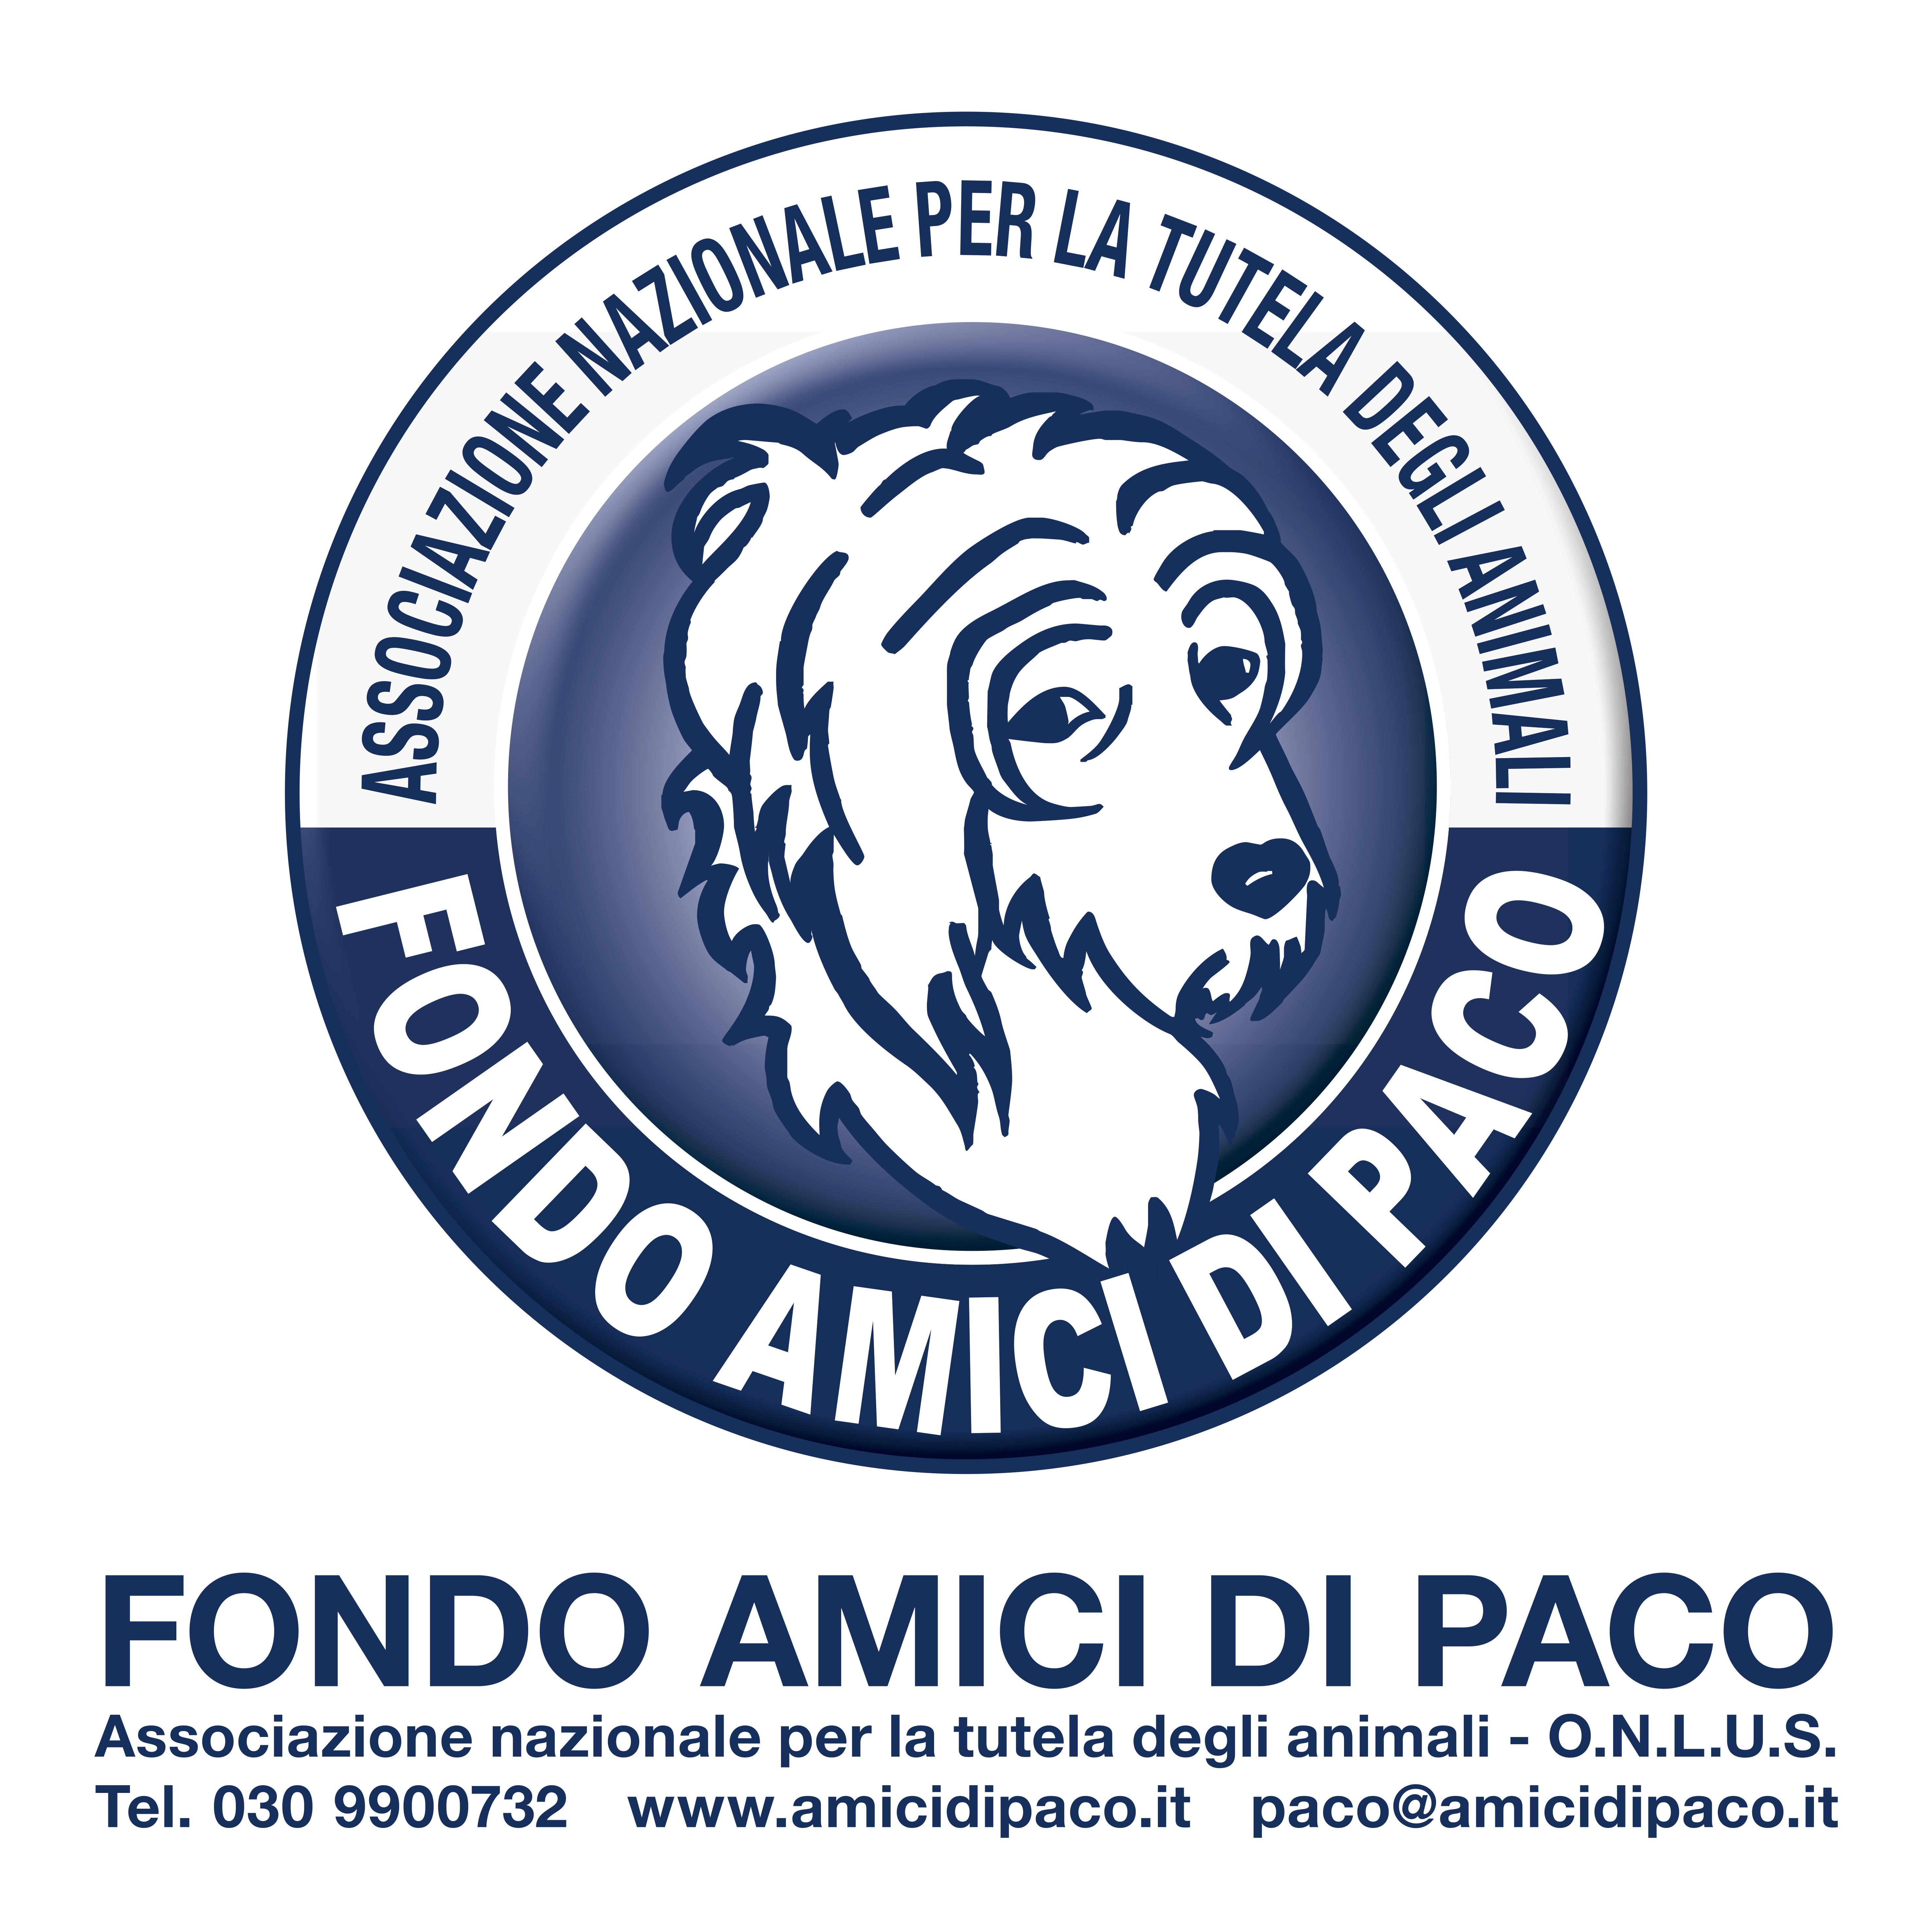 Fondo Amici di Paco